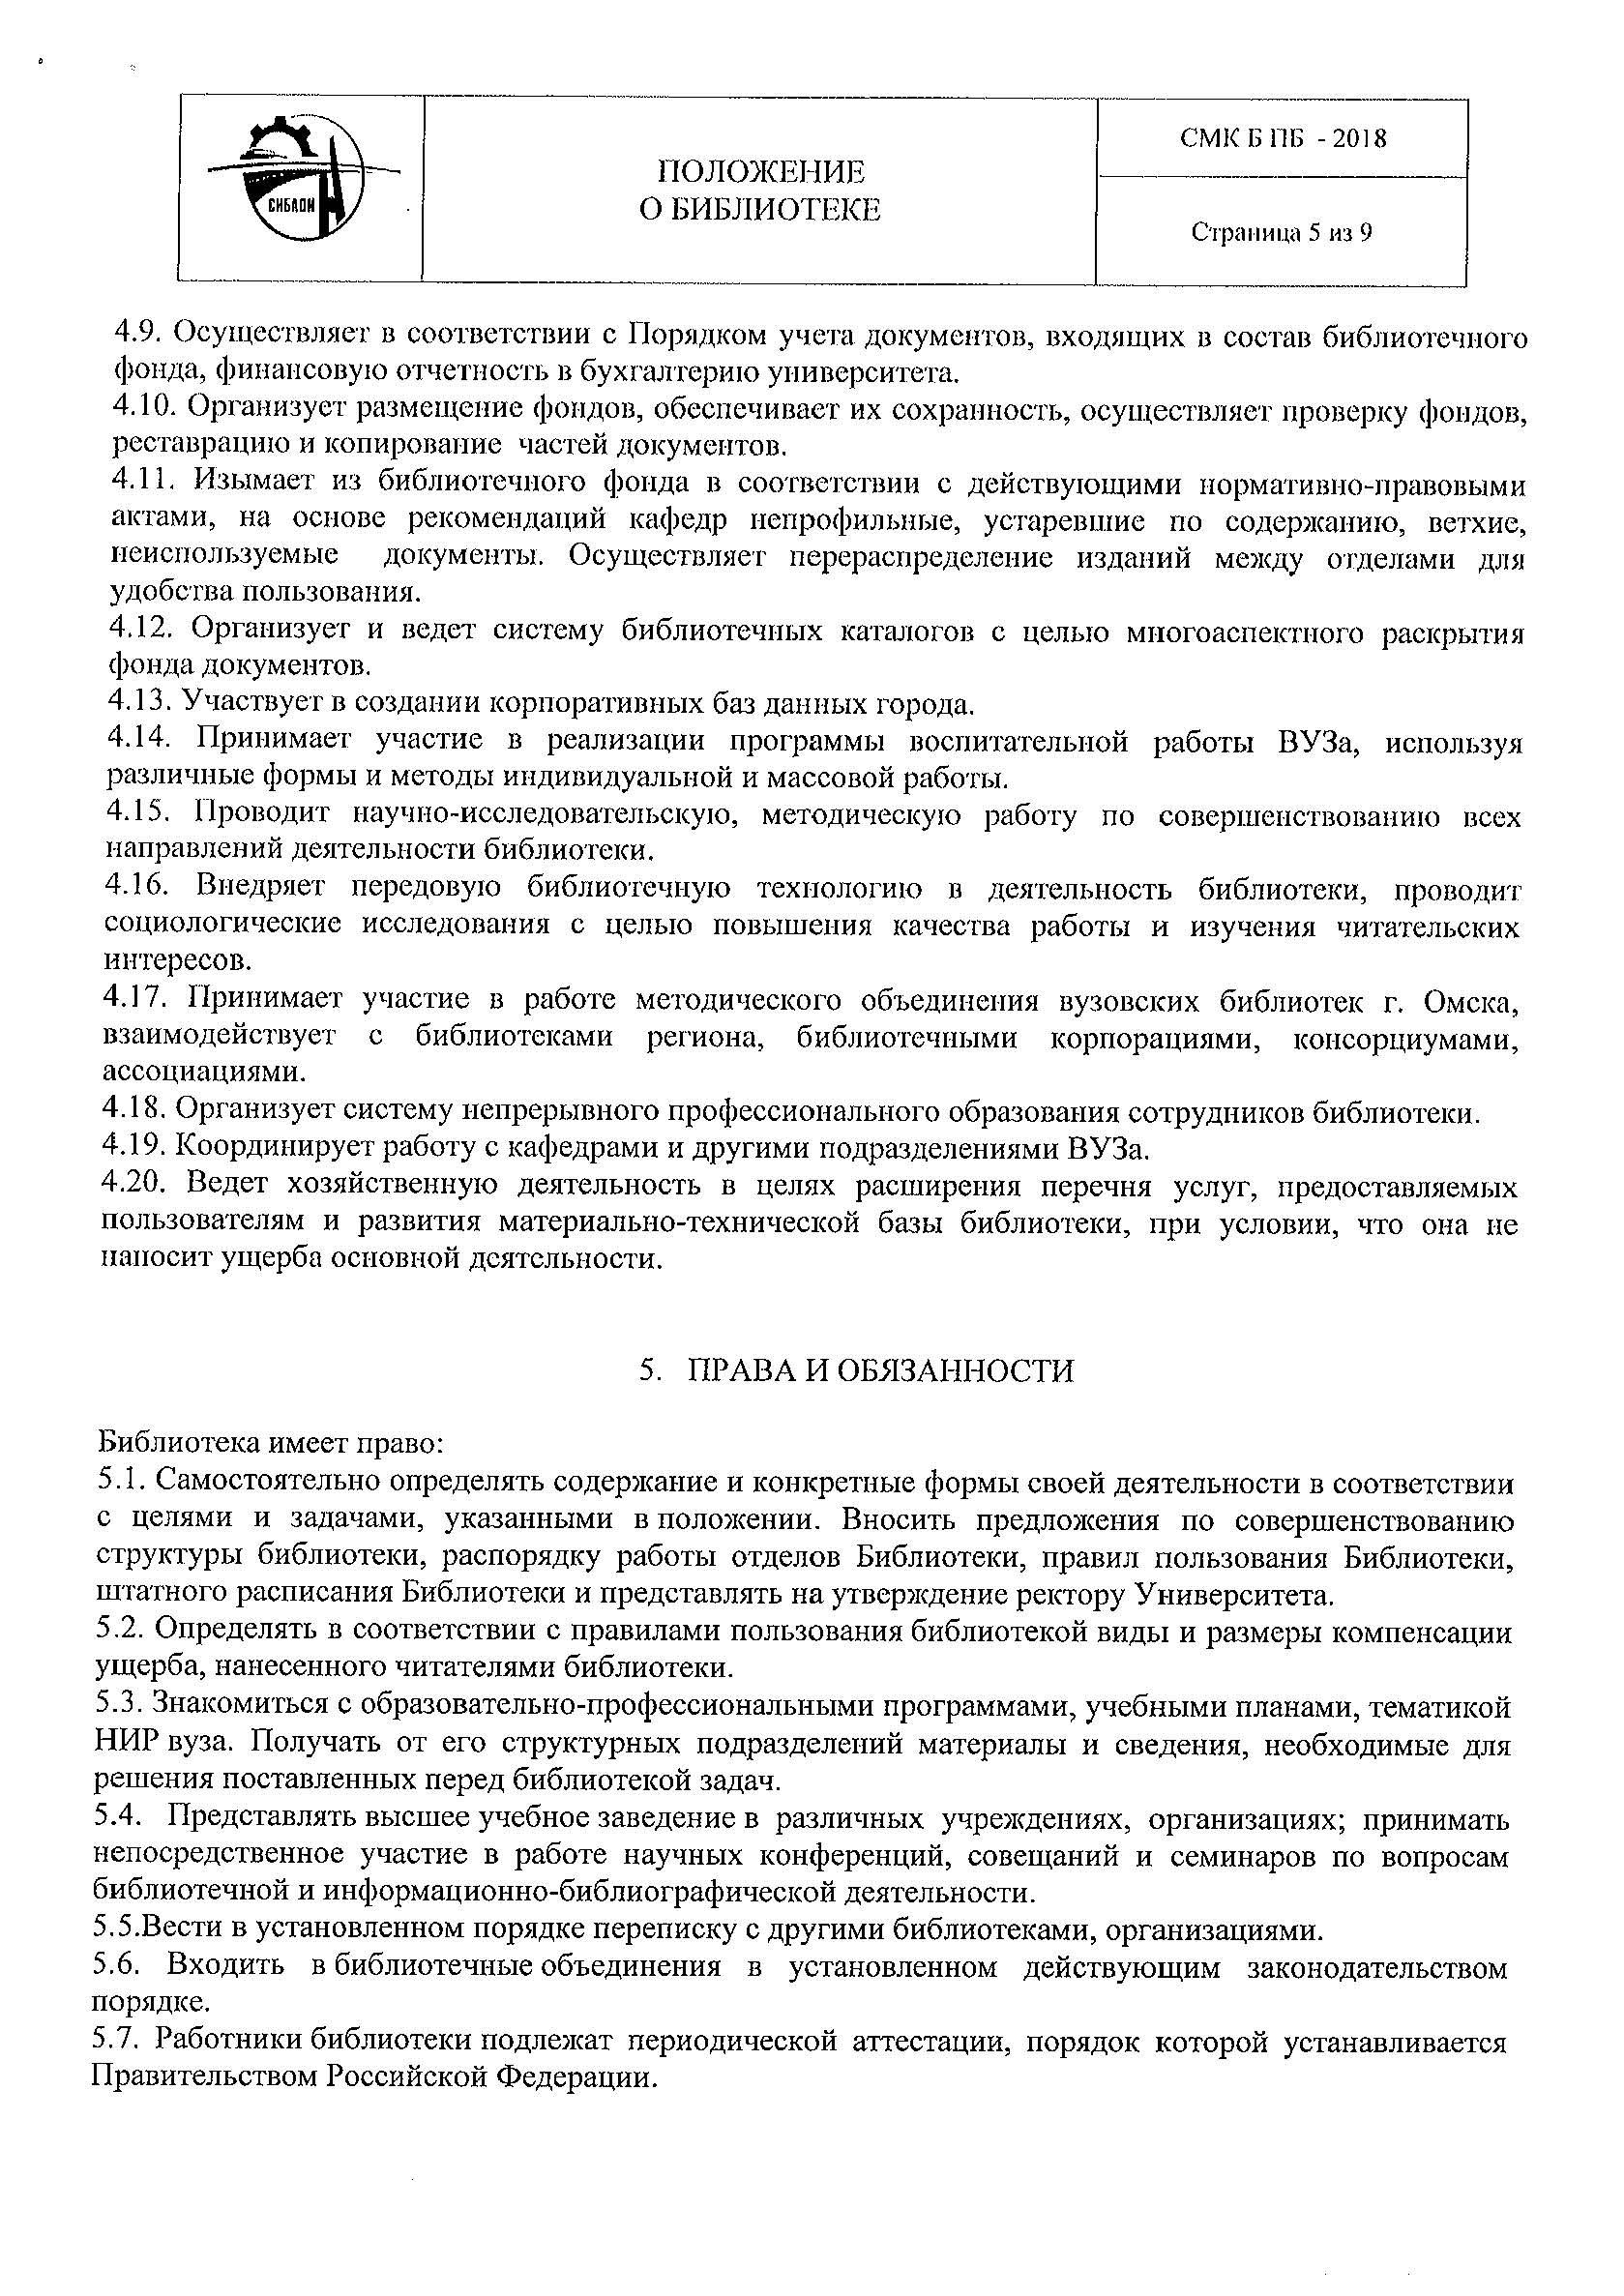 2222_Страница_5